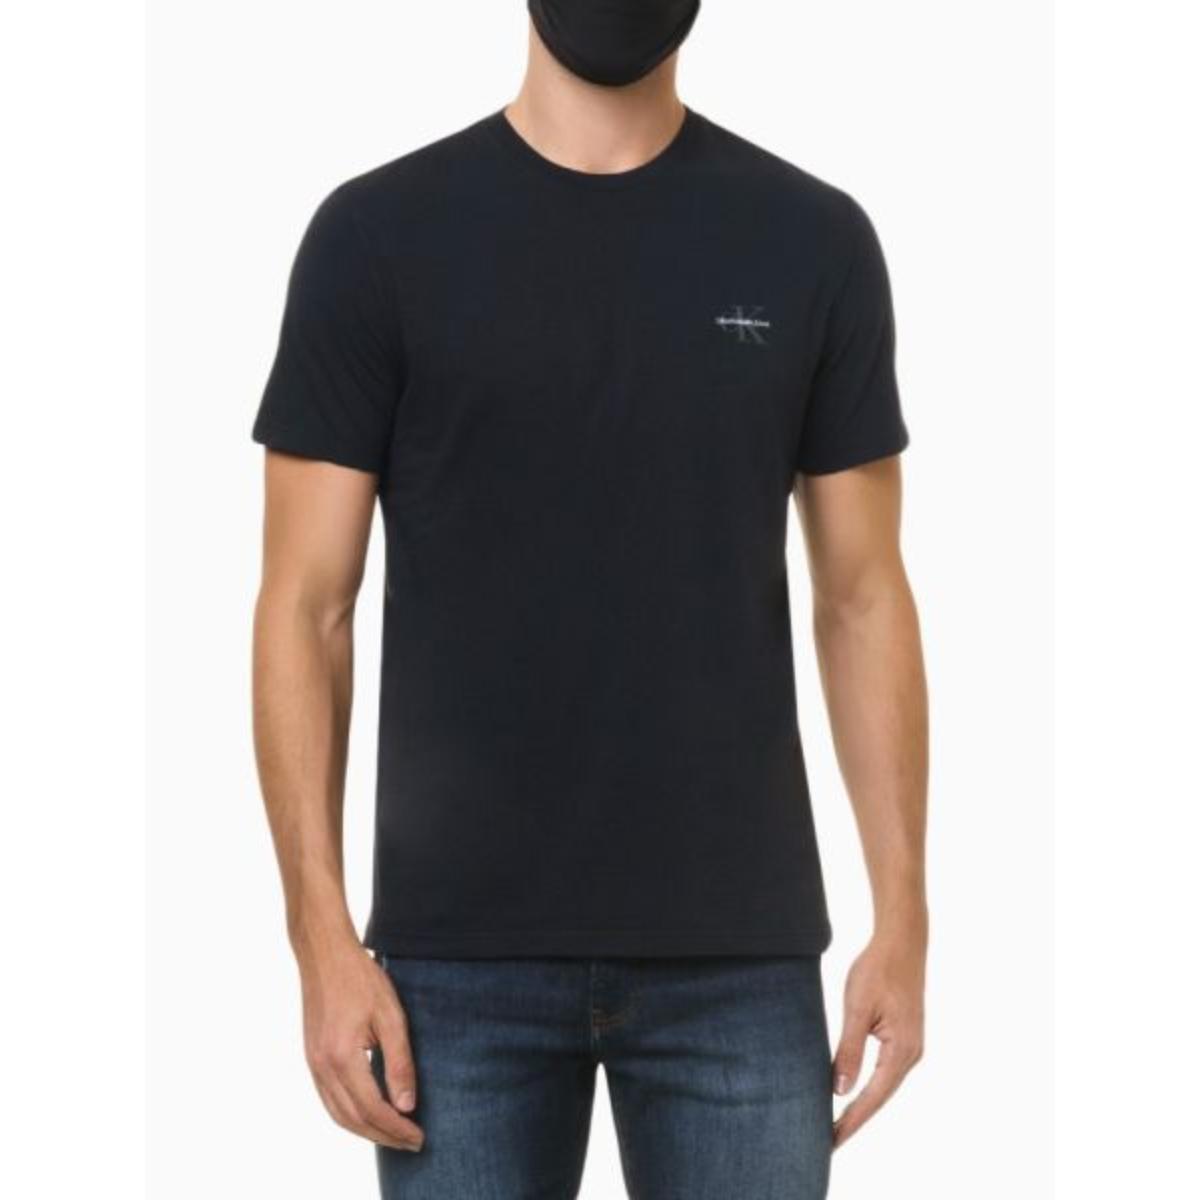 Camiseta Masculina Calvin Klein Ckjm103 Marinho